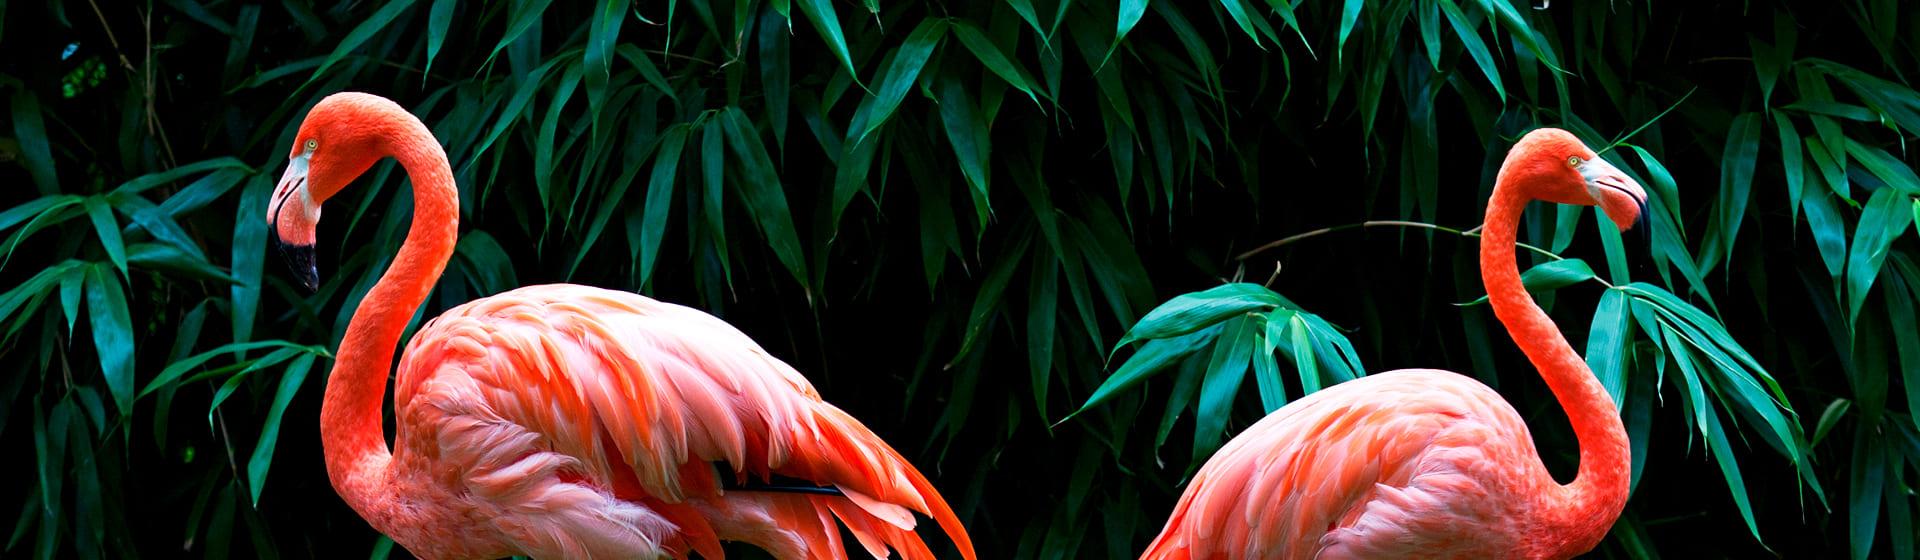 Фламинго - Мерч и одежда с атрибутикой